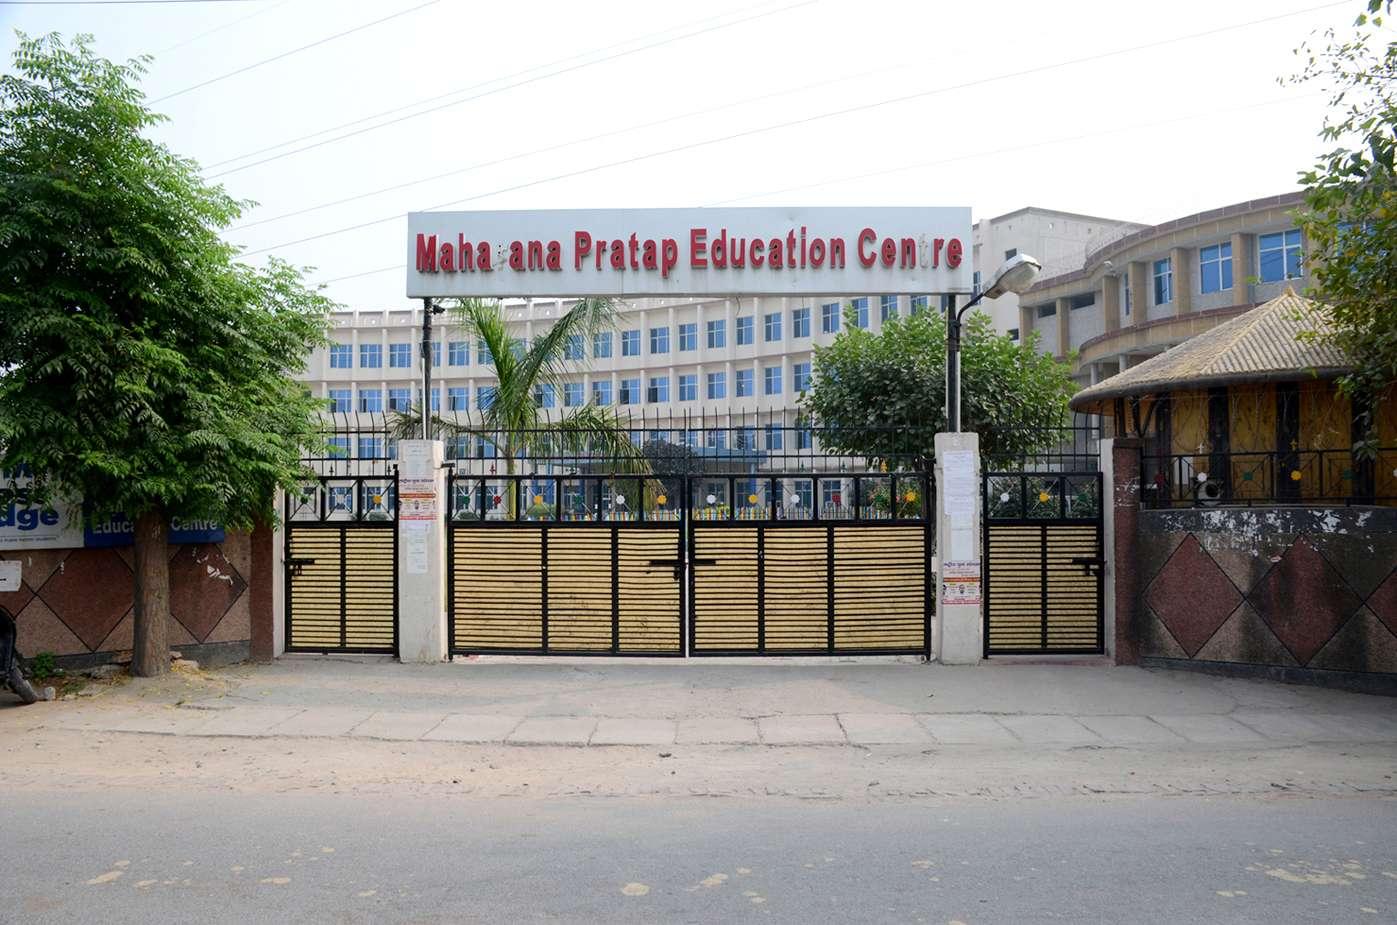 MAHARANA PRATAP EDUCATION CENTRE AVAS VIKAS YOJNA NO I KESHAV PURAM KALYAN PUR KANPUR UP 2130805